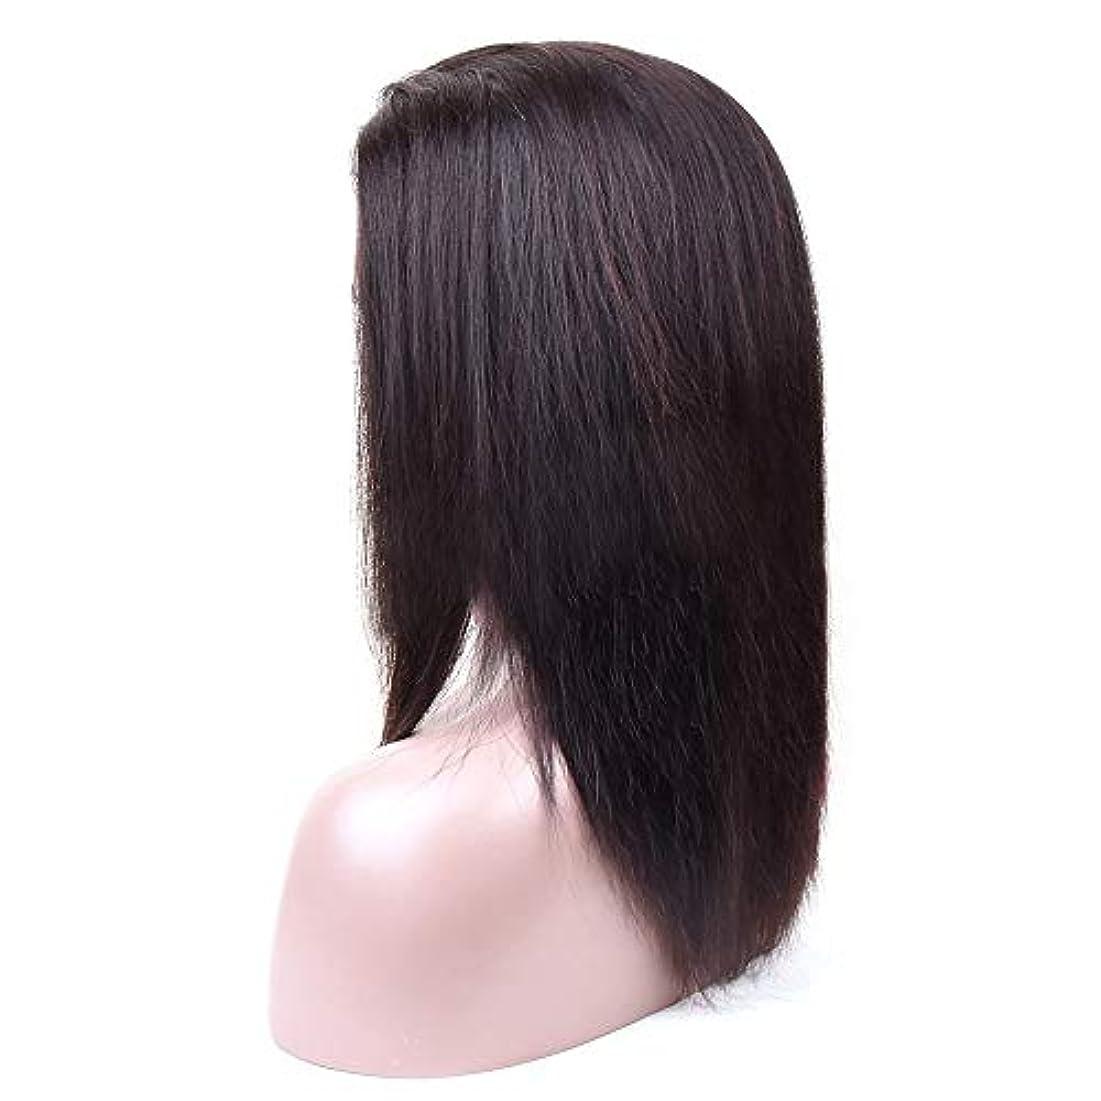 気質指いちゃつくWASAIO ブラジルのレースフロントかつらバージン人間の髪の毛のグルーレス360レース前頭人間の髪の毛のかつら (色 : 黒, サイズ : 20 inch)